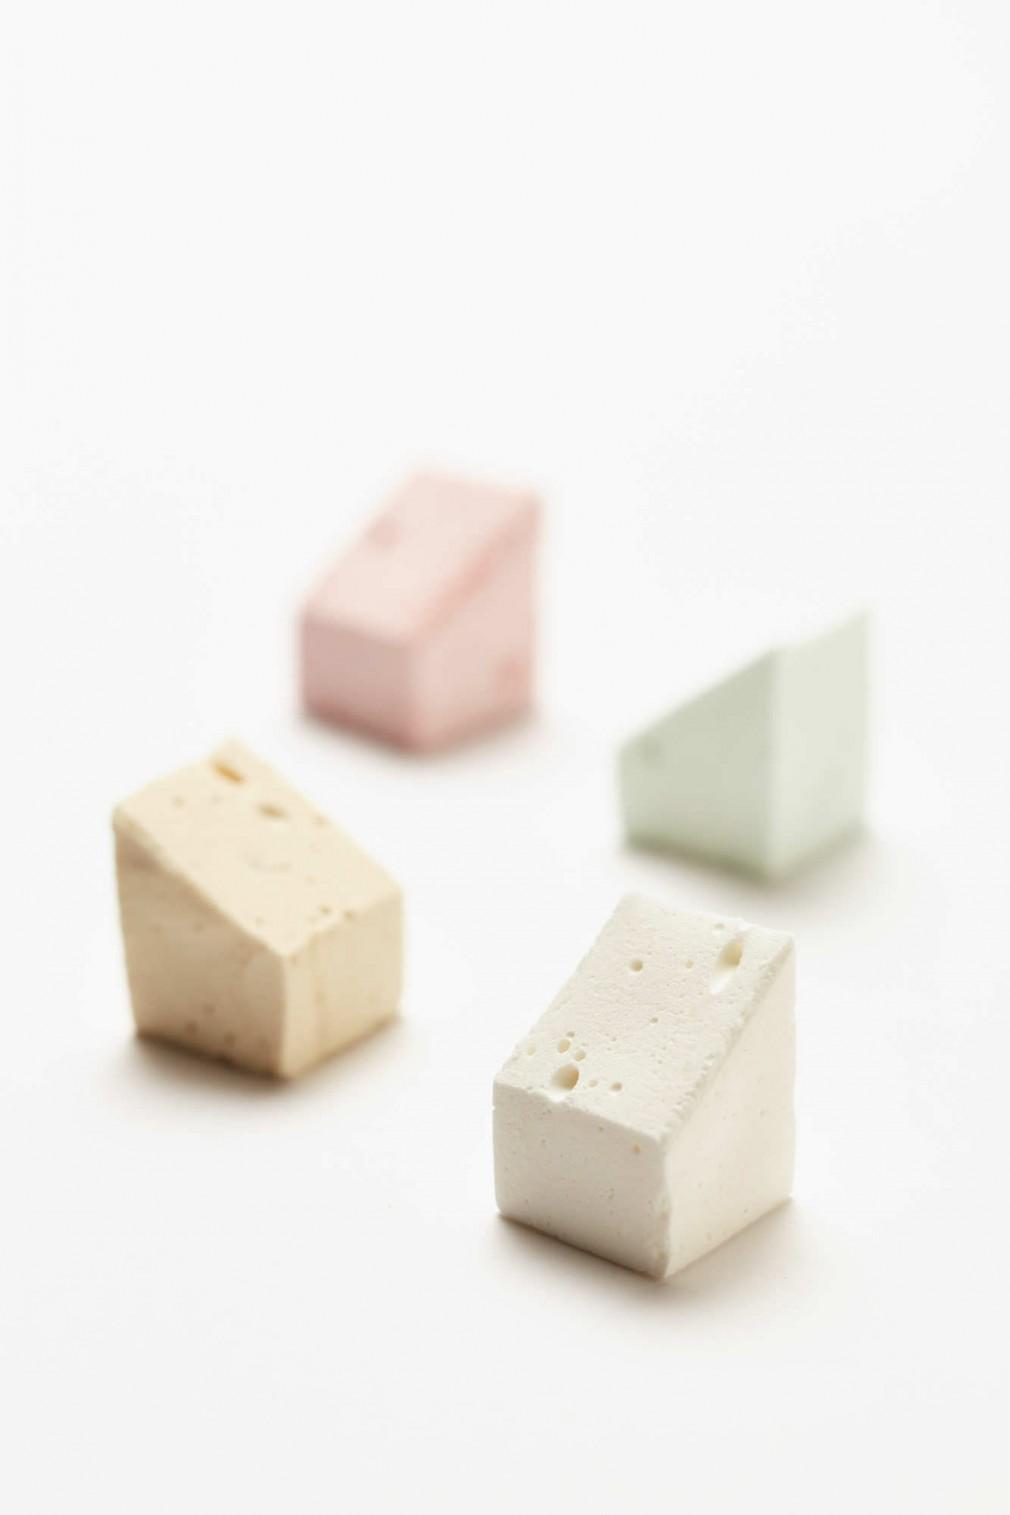 Shibafune Koide [Confectionery] × Pauline Deltour